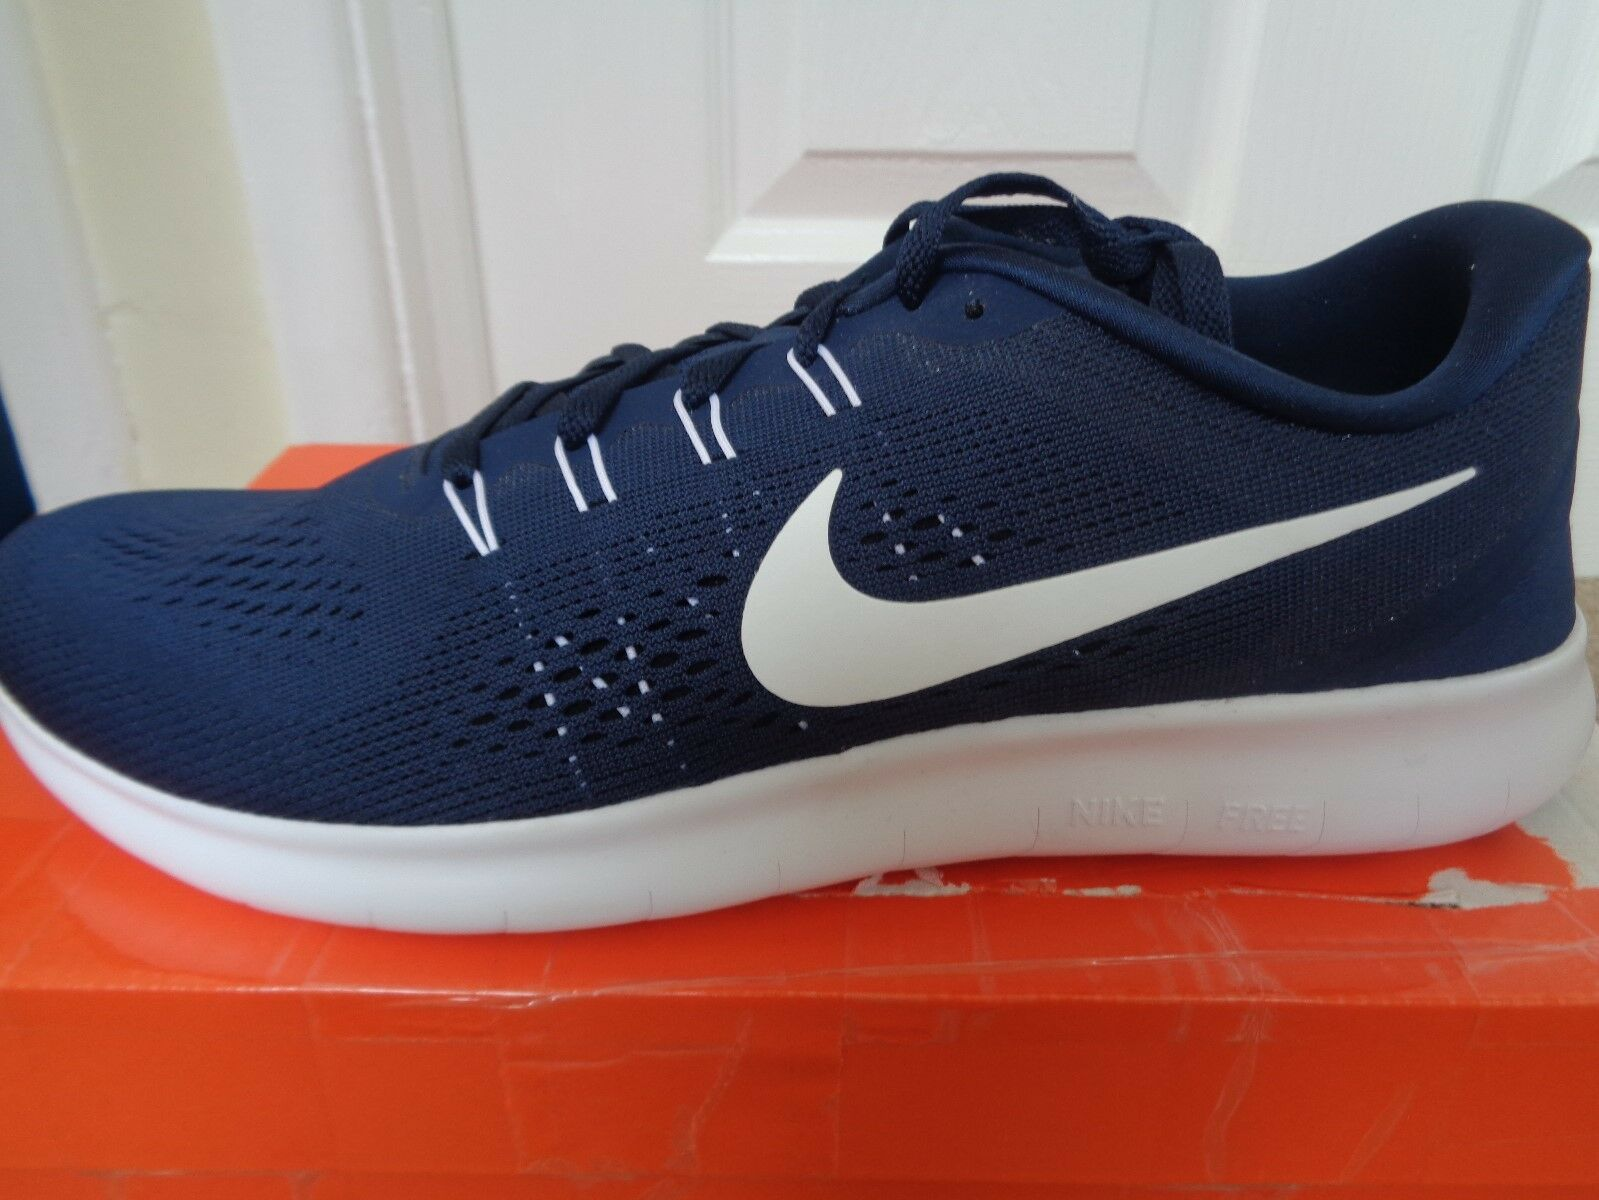 Zapatillas Free para hombre tenis Nike Free Zapatillas RN 8320188 403 nos 2018 Nuevo  Caja 262cbe